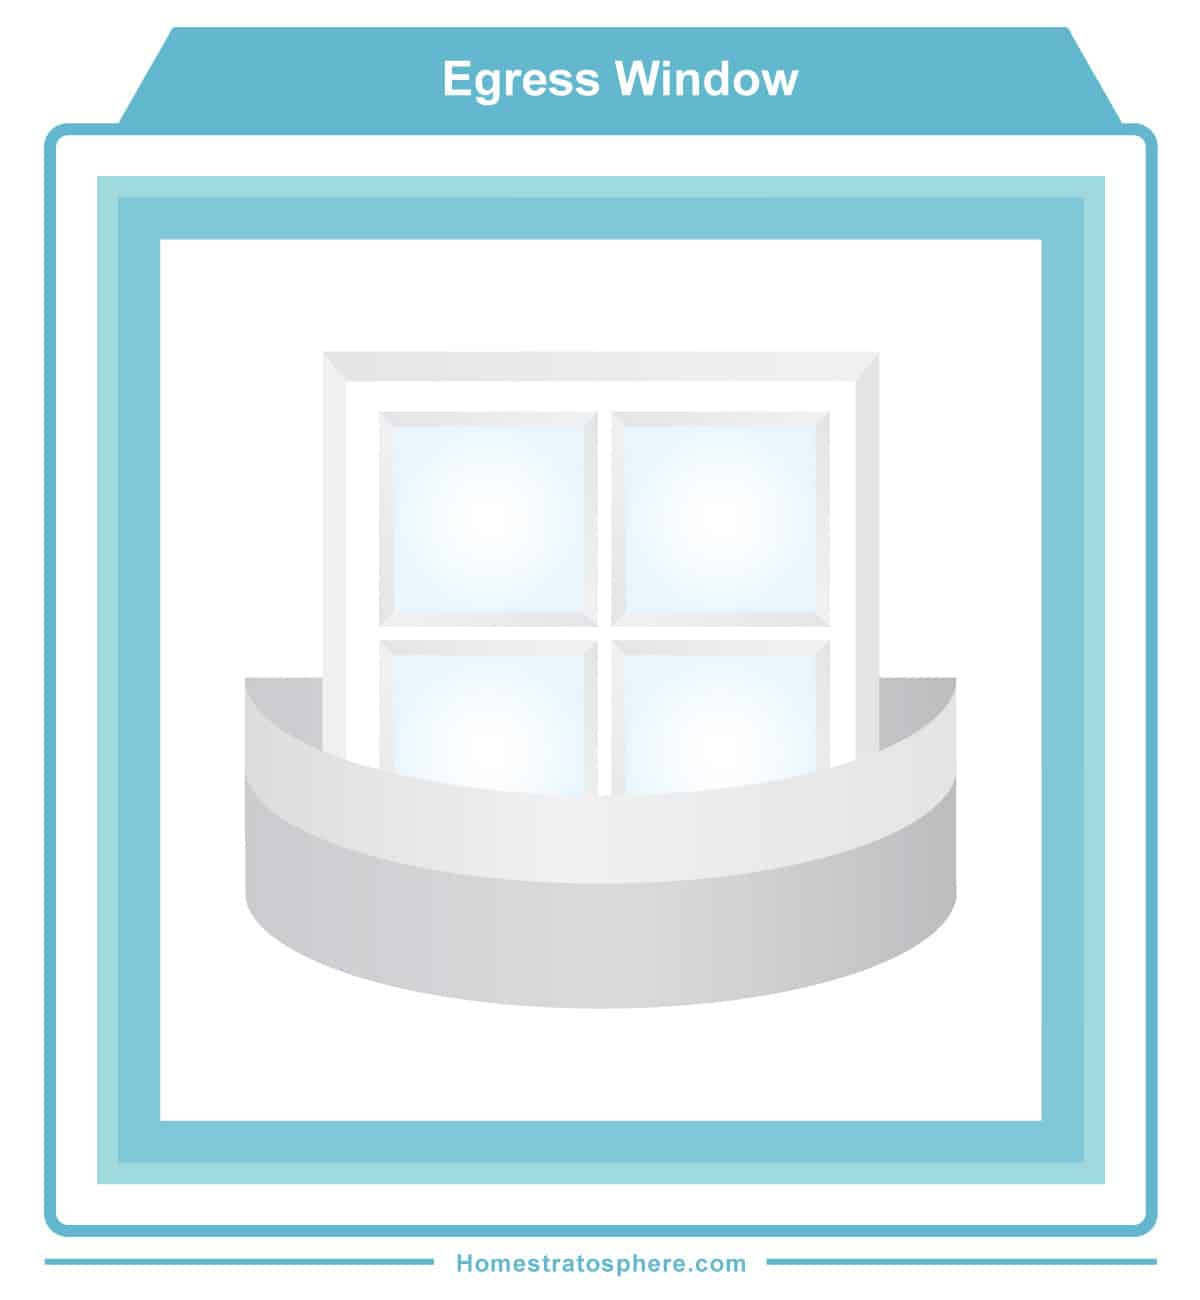 Egress Window diagram